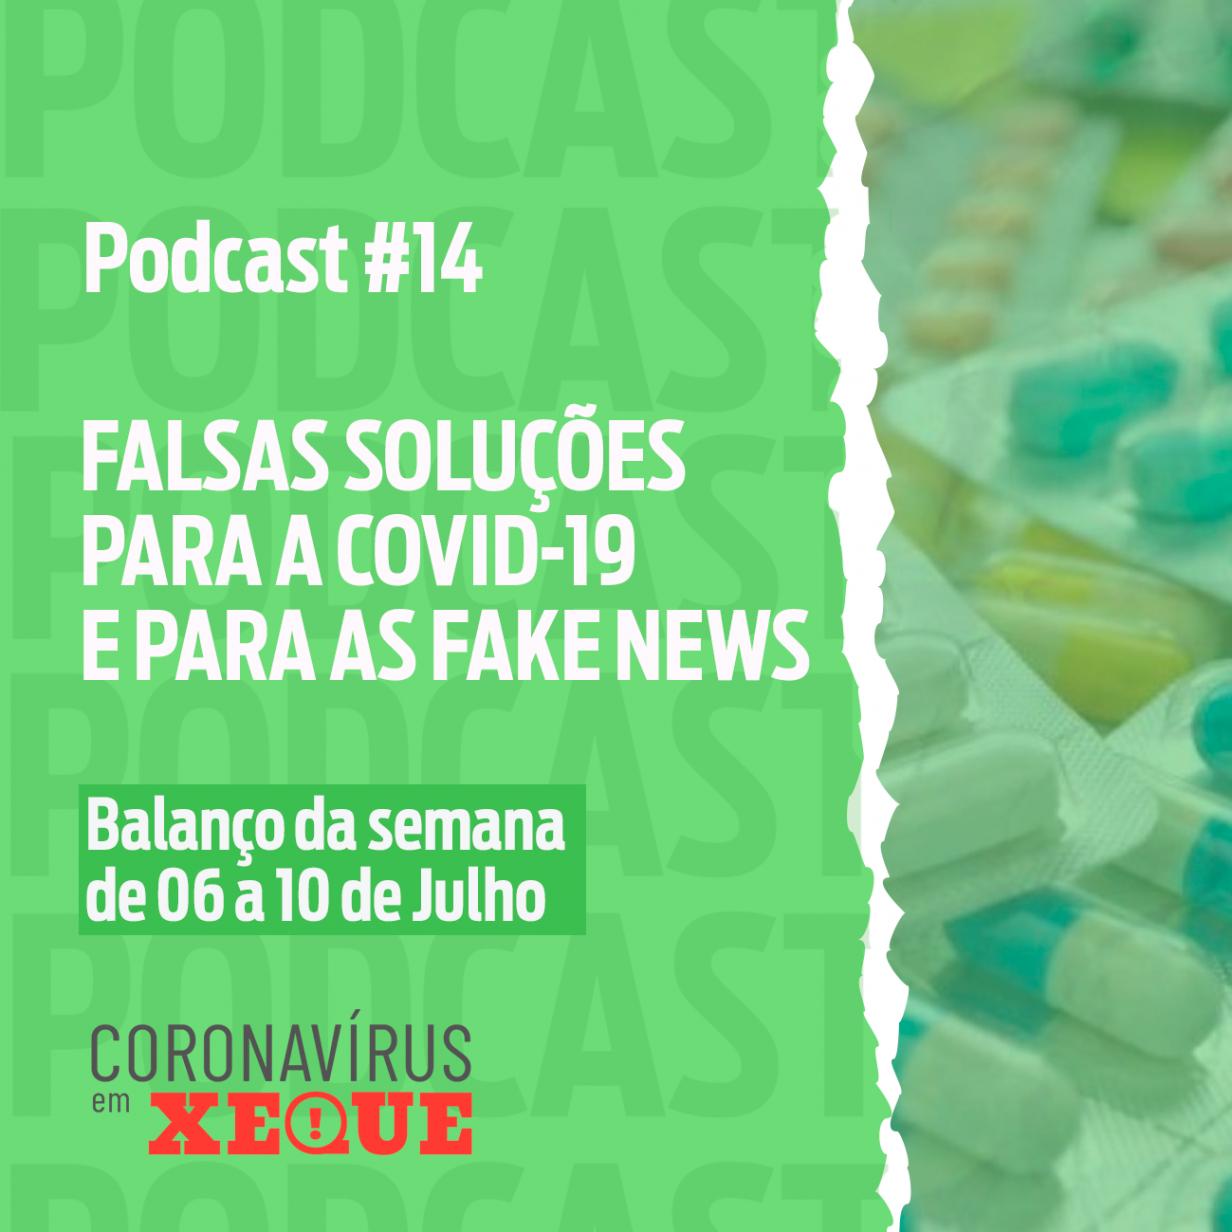 Falsas soluções para a Covid-19 e para as Fake News